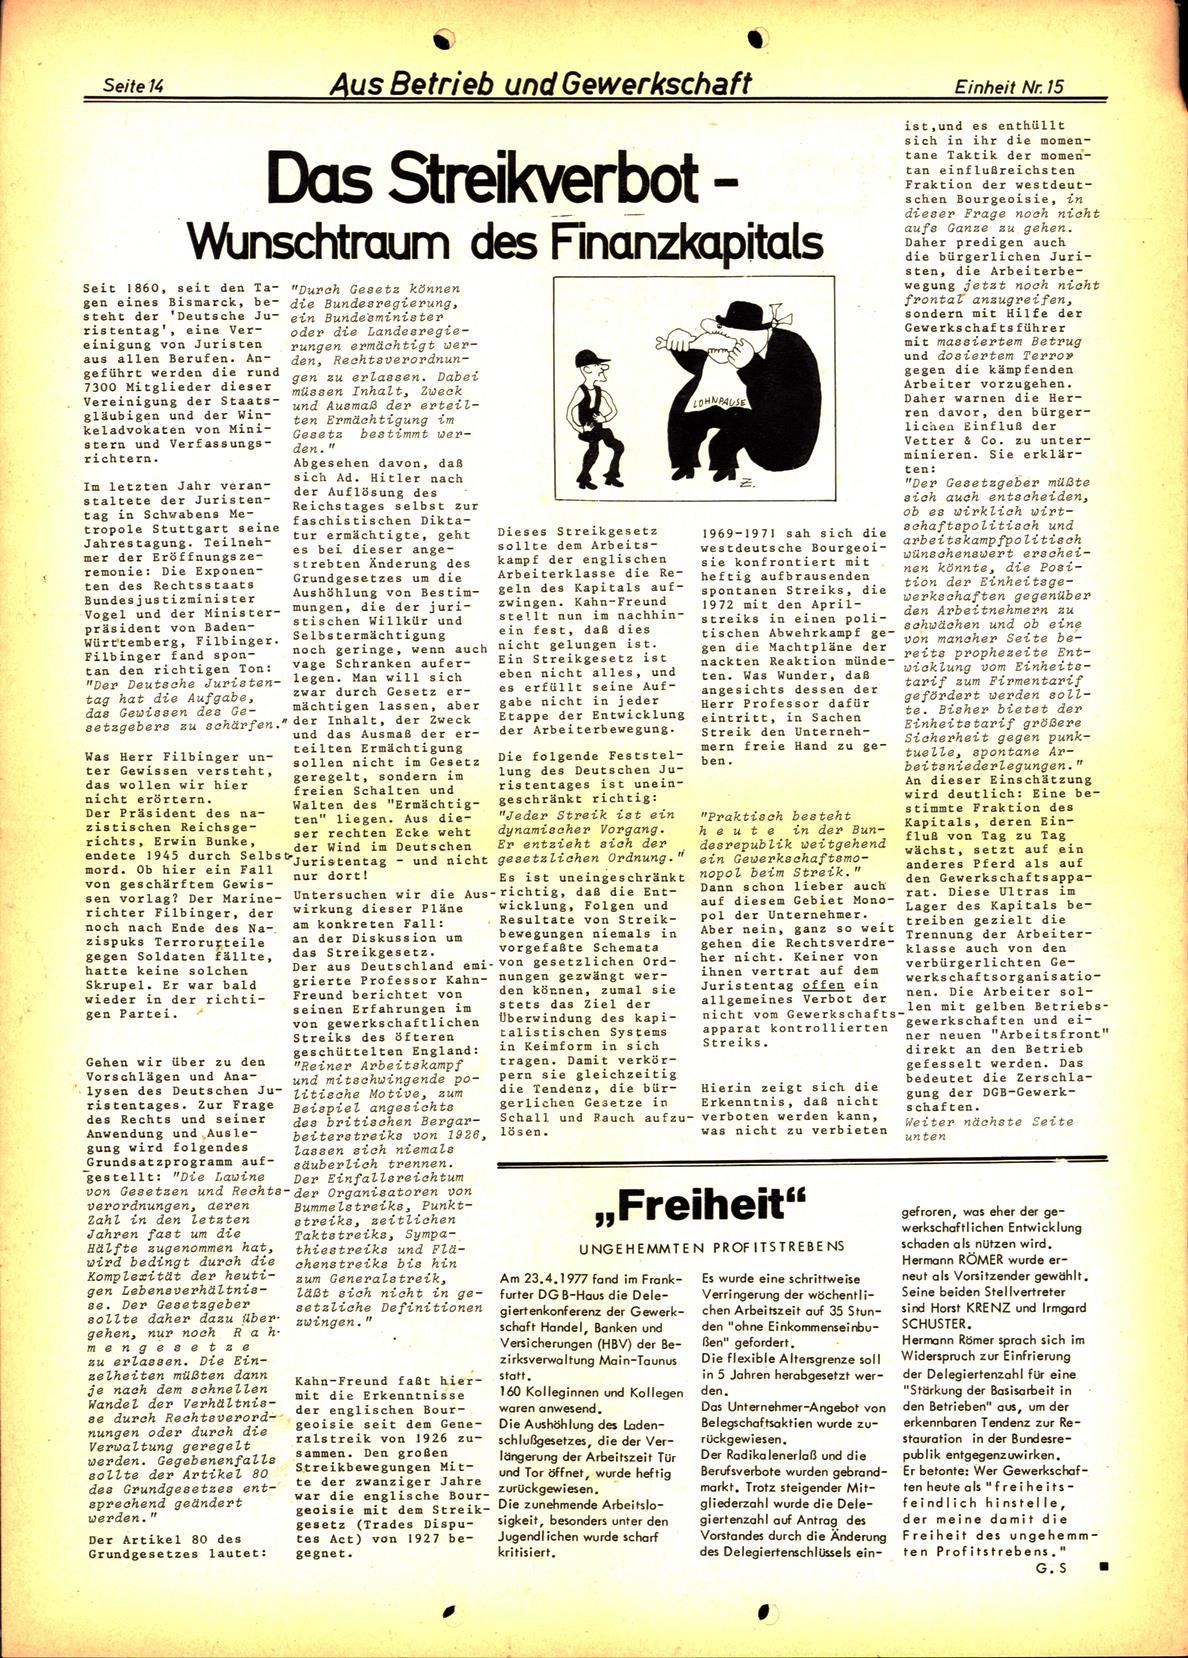 Koeln_IPdA_Einheit_1977_015_014